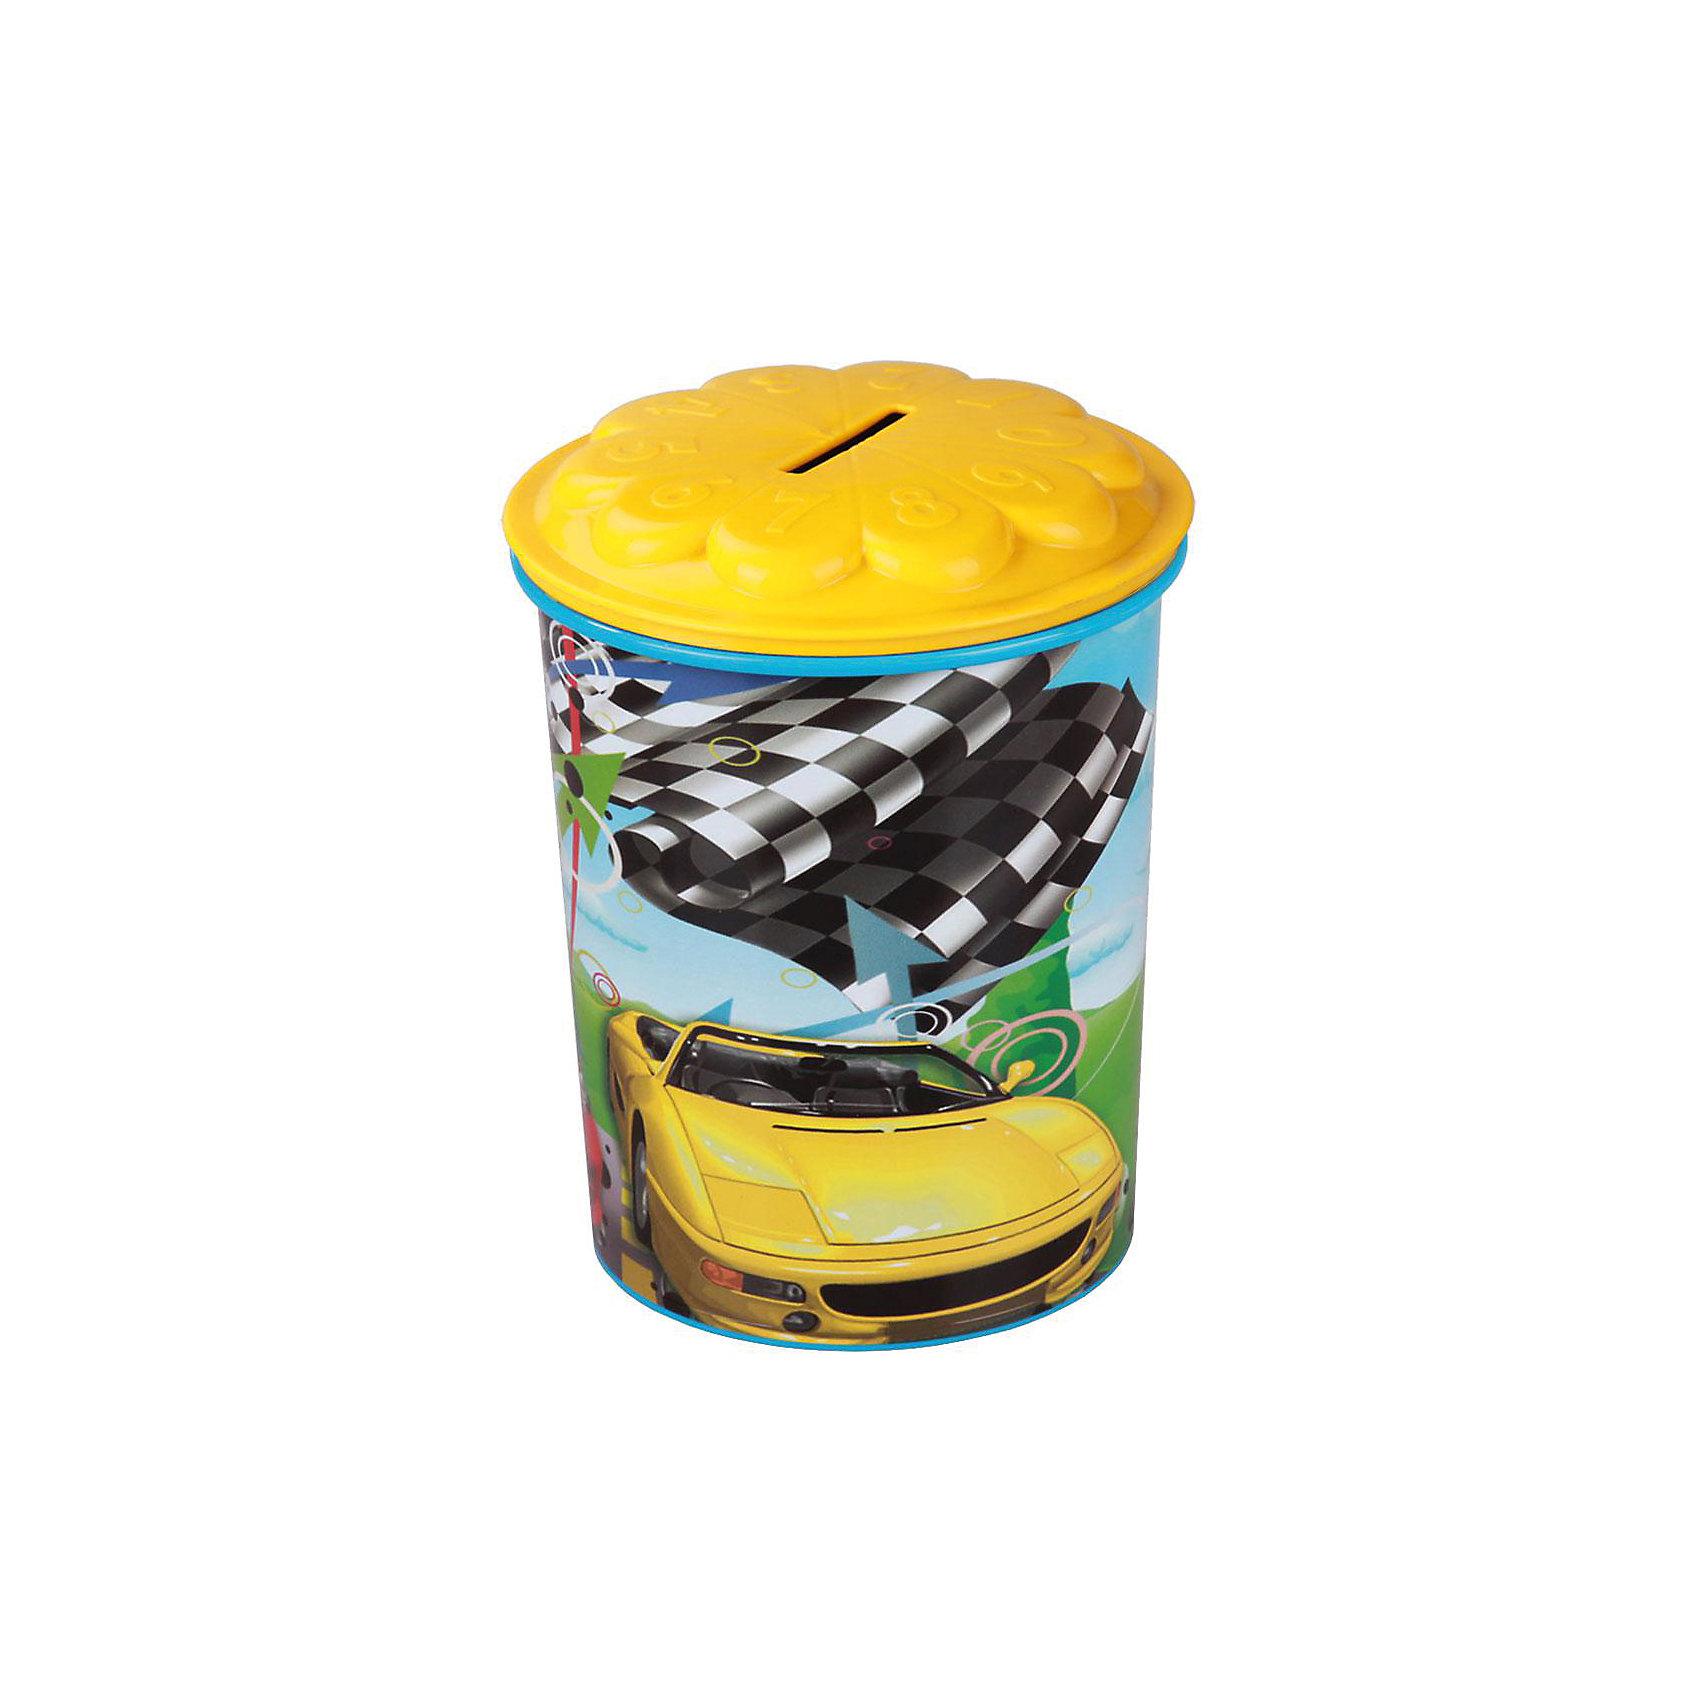 Контейнер (копилка) Форсаж 0,7л, AlternativaХарактеристики:<br><br>• Предназначение: для хранения монет, принадлежностей для рисования<br>• Материал: пластик<br>• Цвет: голубой, желтый, зеленый, черный<br>• Размер (Д*Ш*В): 10,3*10,1*13,2 см<br>• Вместимость (объем): 0,7 л<br>• Форма: круглый<br>• Наличие крышки с отверстием по центру<br>• Особенности ухода: разрешается мыть теплой водой<br><br>Контейнер (копилка) Форсаж 0,7 л , Alternativa изготовлен отечественным производителем ООО ЗПИ Альтернатива, который специализируется на выпуске широкого спектра изделий из пластика. <br>Контейнер-копилка выполнена из экологически безопасного пластика, устойчивого к механическим повреждениям, корпус оформлен ярким рисунком, в комплекте имеется крышкажелтого цвета с отверстием по центру, что обеспечит многоразовое использование копилки. Без крышки контейнер можно использовать как стаканчик для хранения карандашей и фломастеров. <br><br>Контейнер (копилка) Форсаж 0,7 л, Alternativa можно купить в нашем интернет-магазине.<br><br>Ширина мм: 260<br>Глубина мм: 170<br>Высота мм: 140<br>Вес г: 71<br>Возраст от месяцев: 6<br>Возраст до месяцев: 84<br>Пол: Мужской<br>Возраст: Детский<br>SKU: 5096581